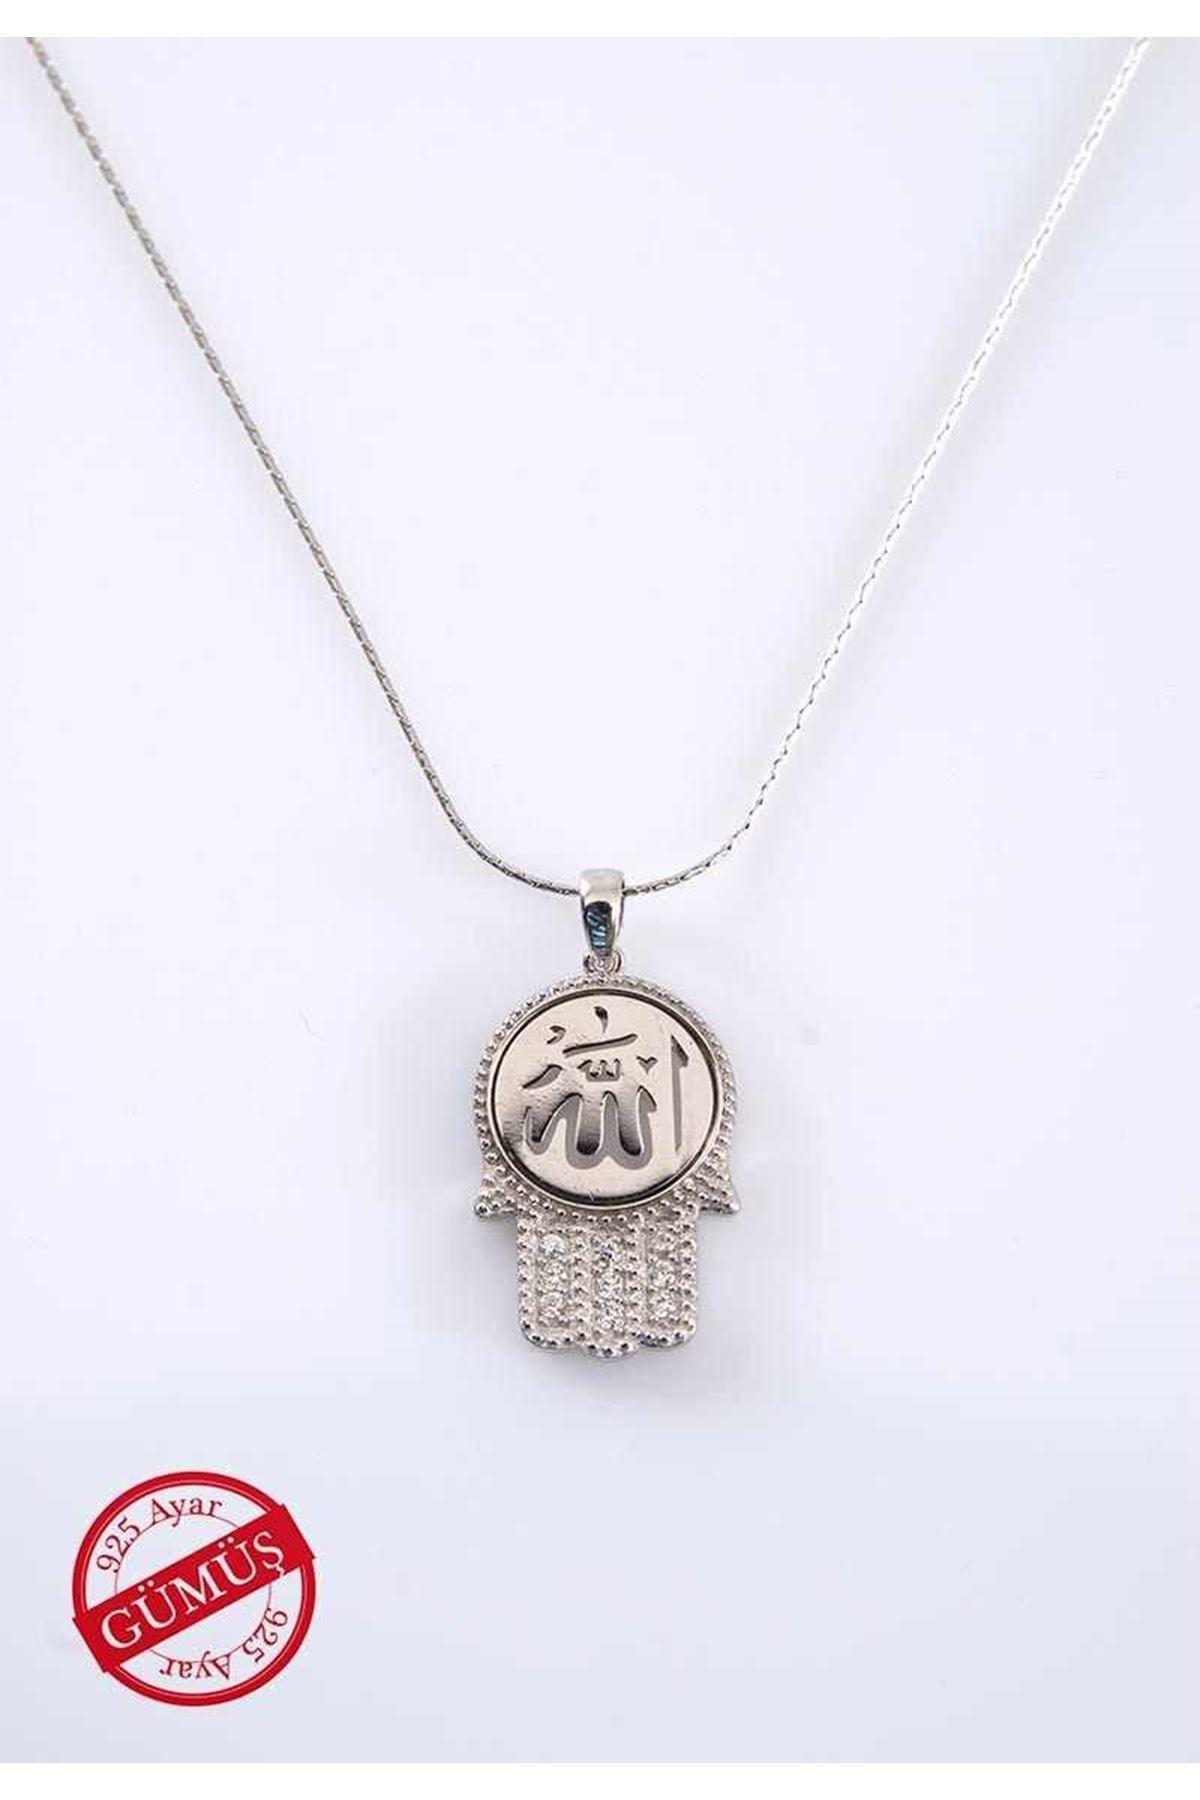 Allah Yazılı Fatmanın Eli Gümüş Kolye Gk-74978